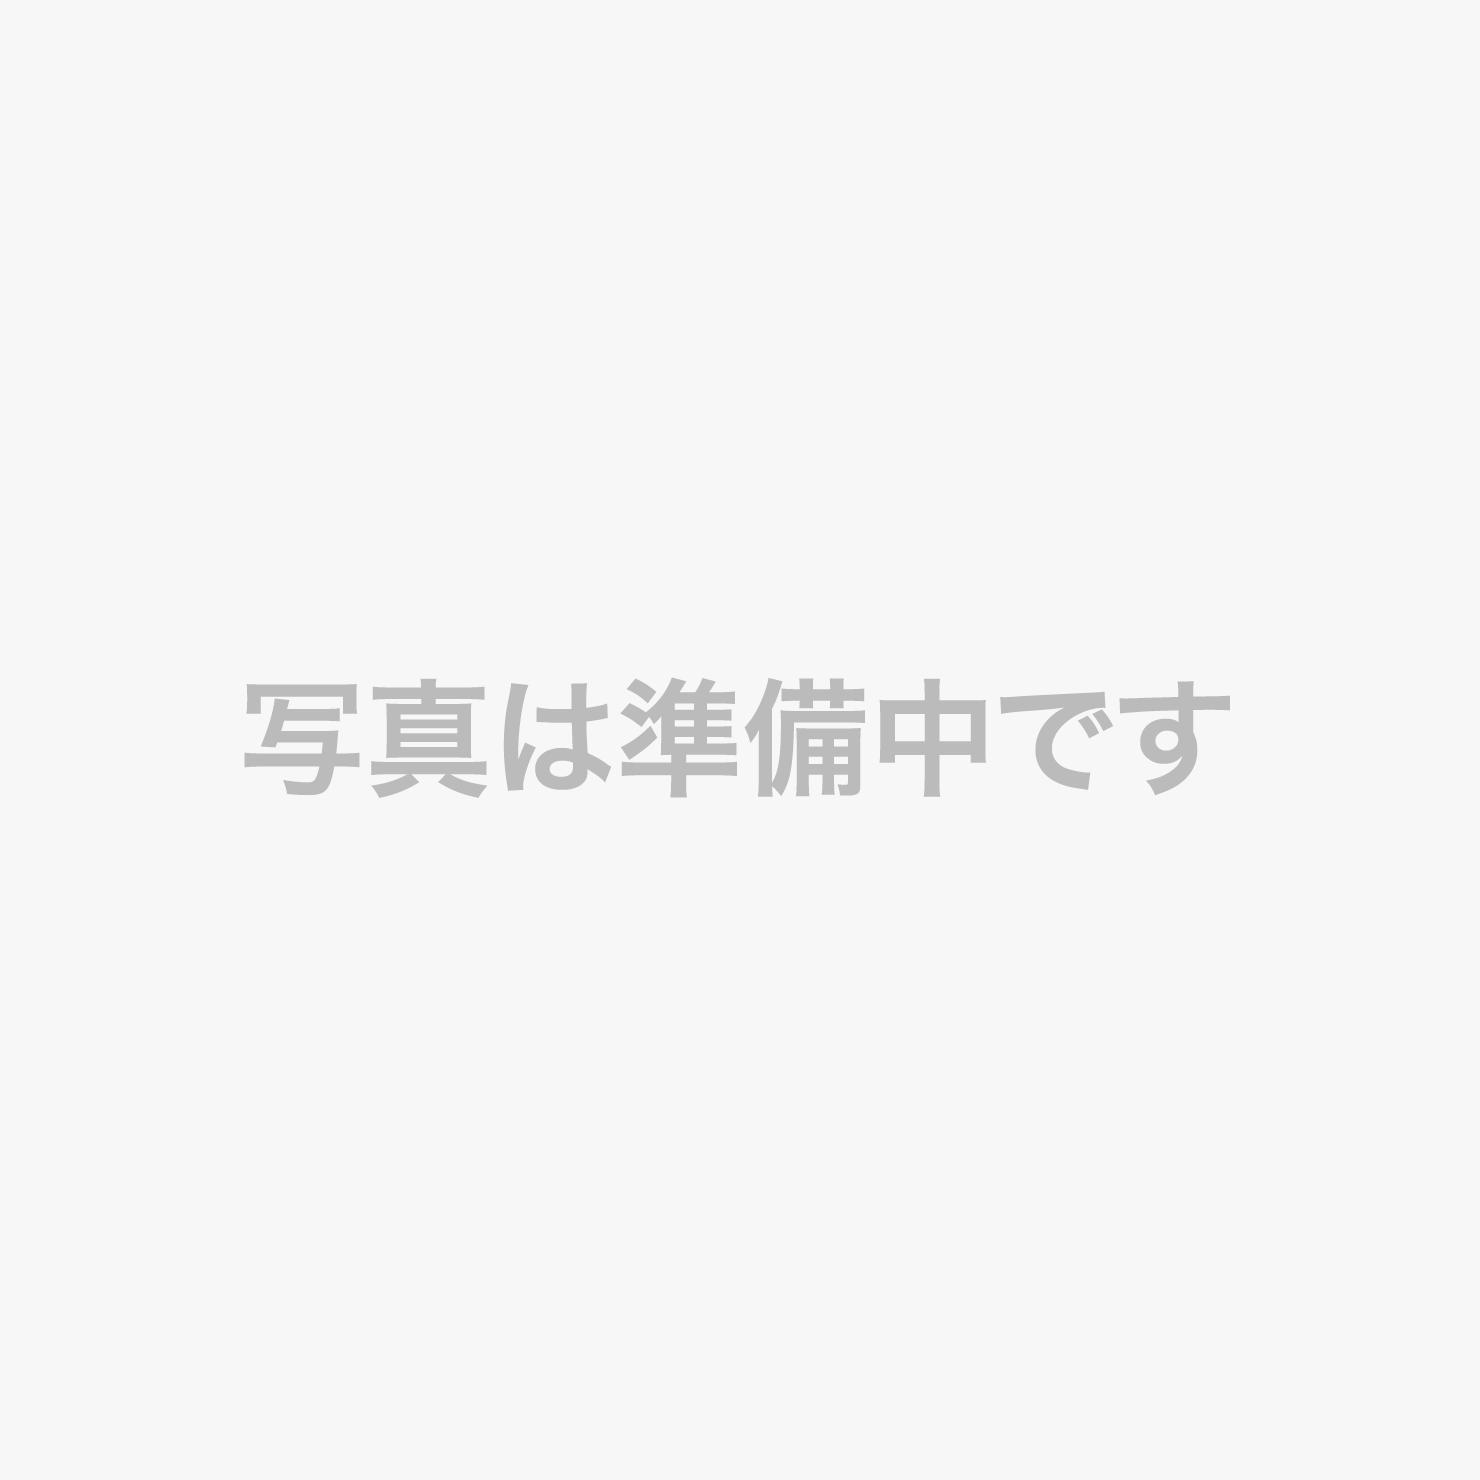 【当日限定プラン】